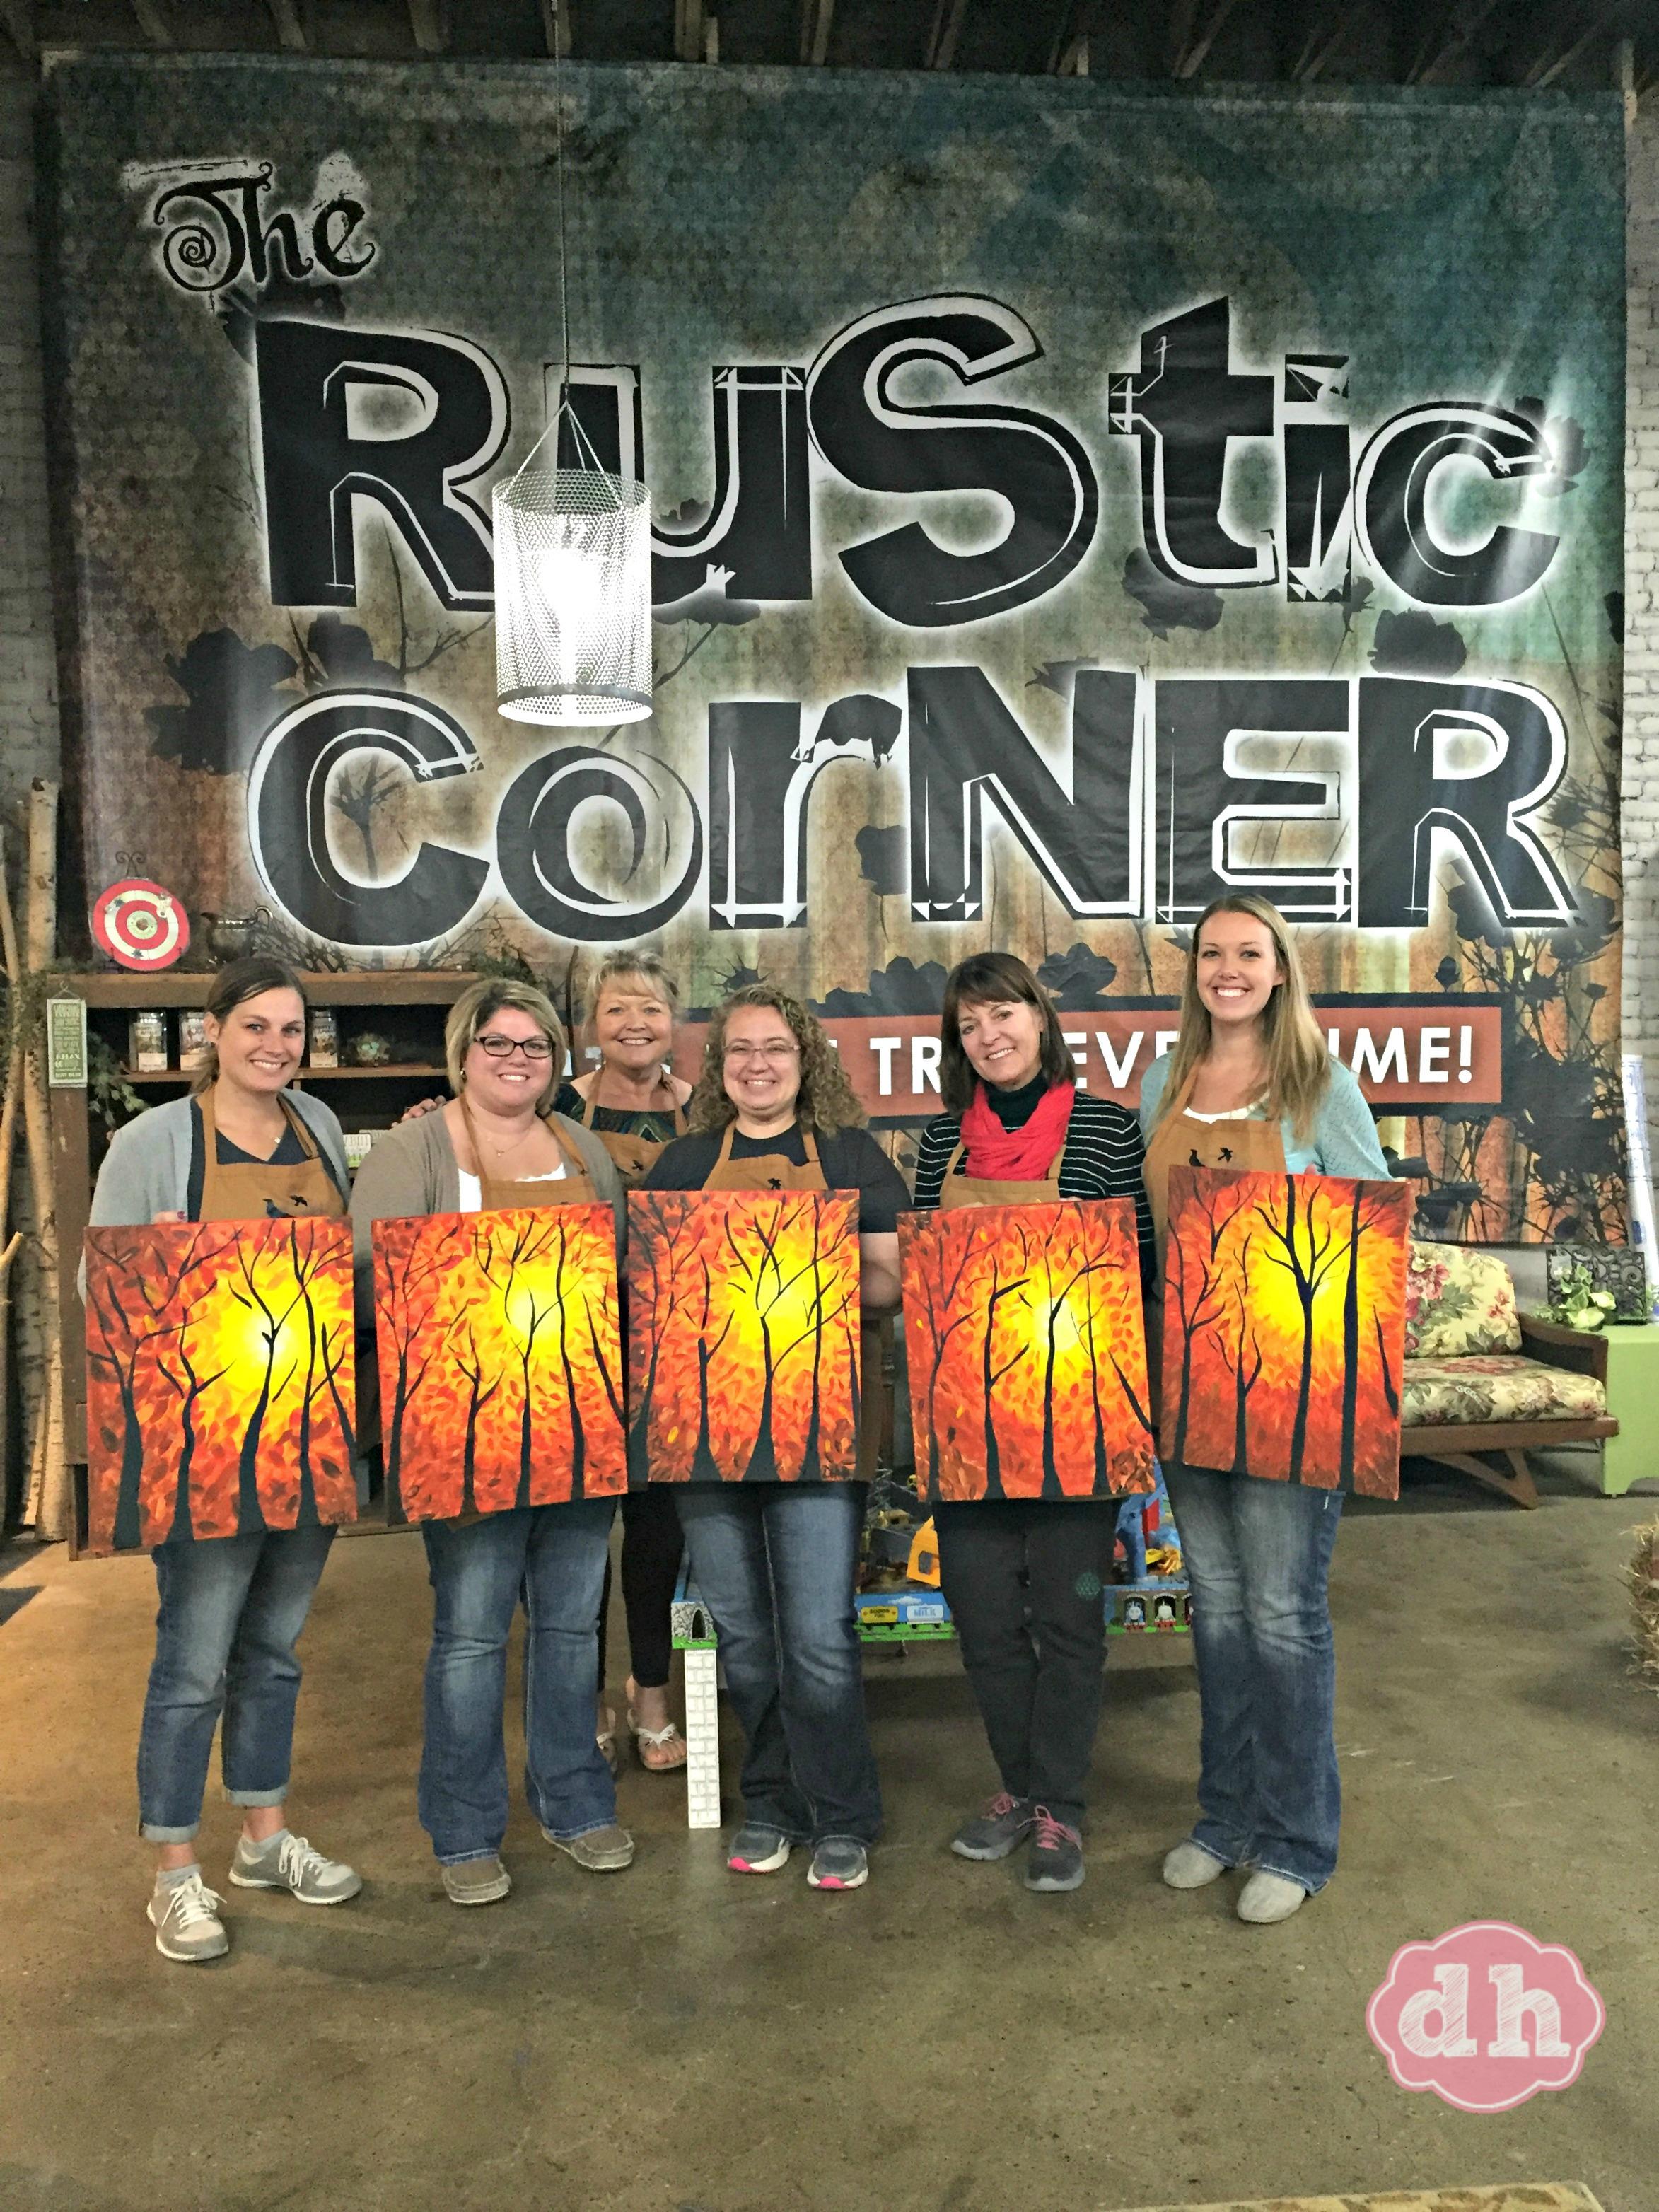 Having Fun at the Rustic Corner in Charles City